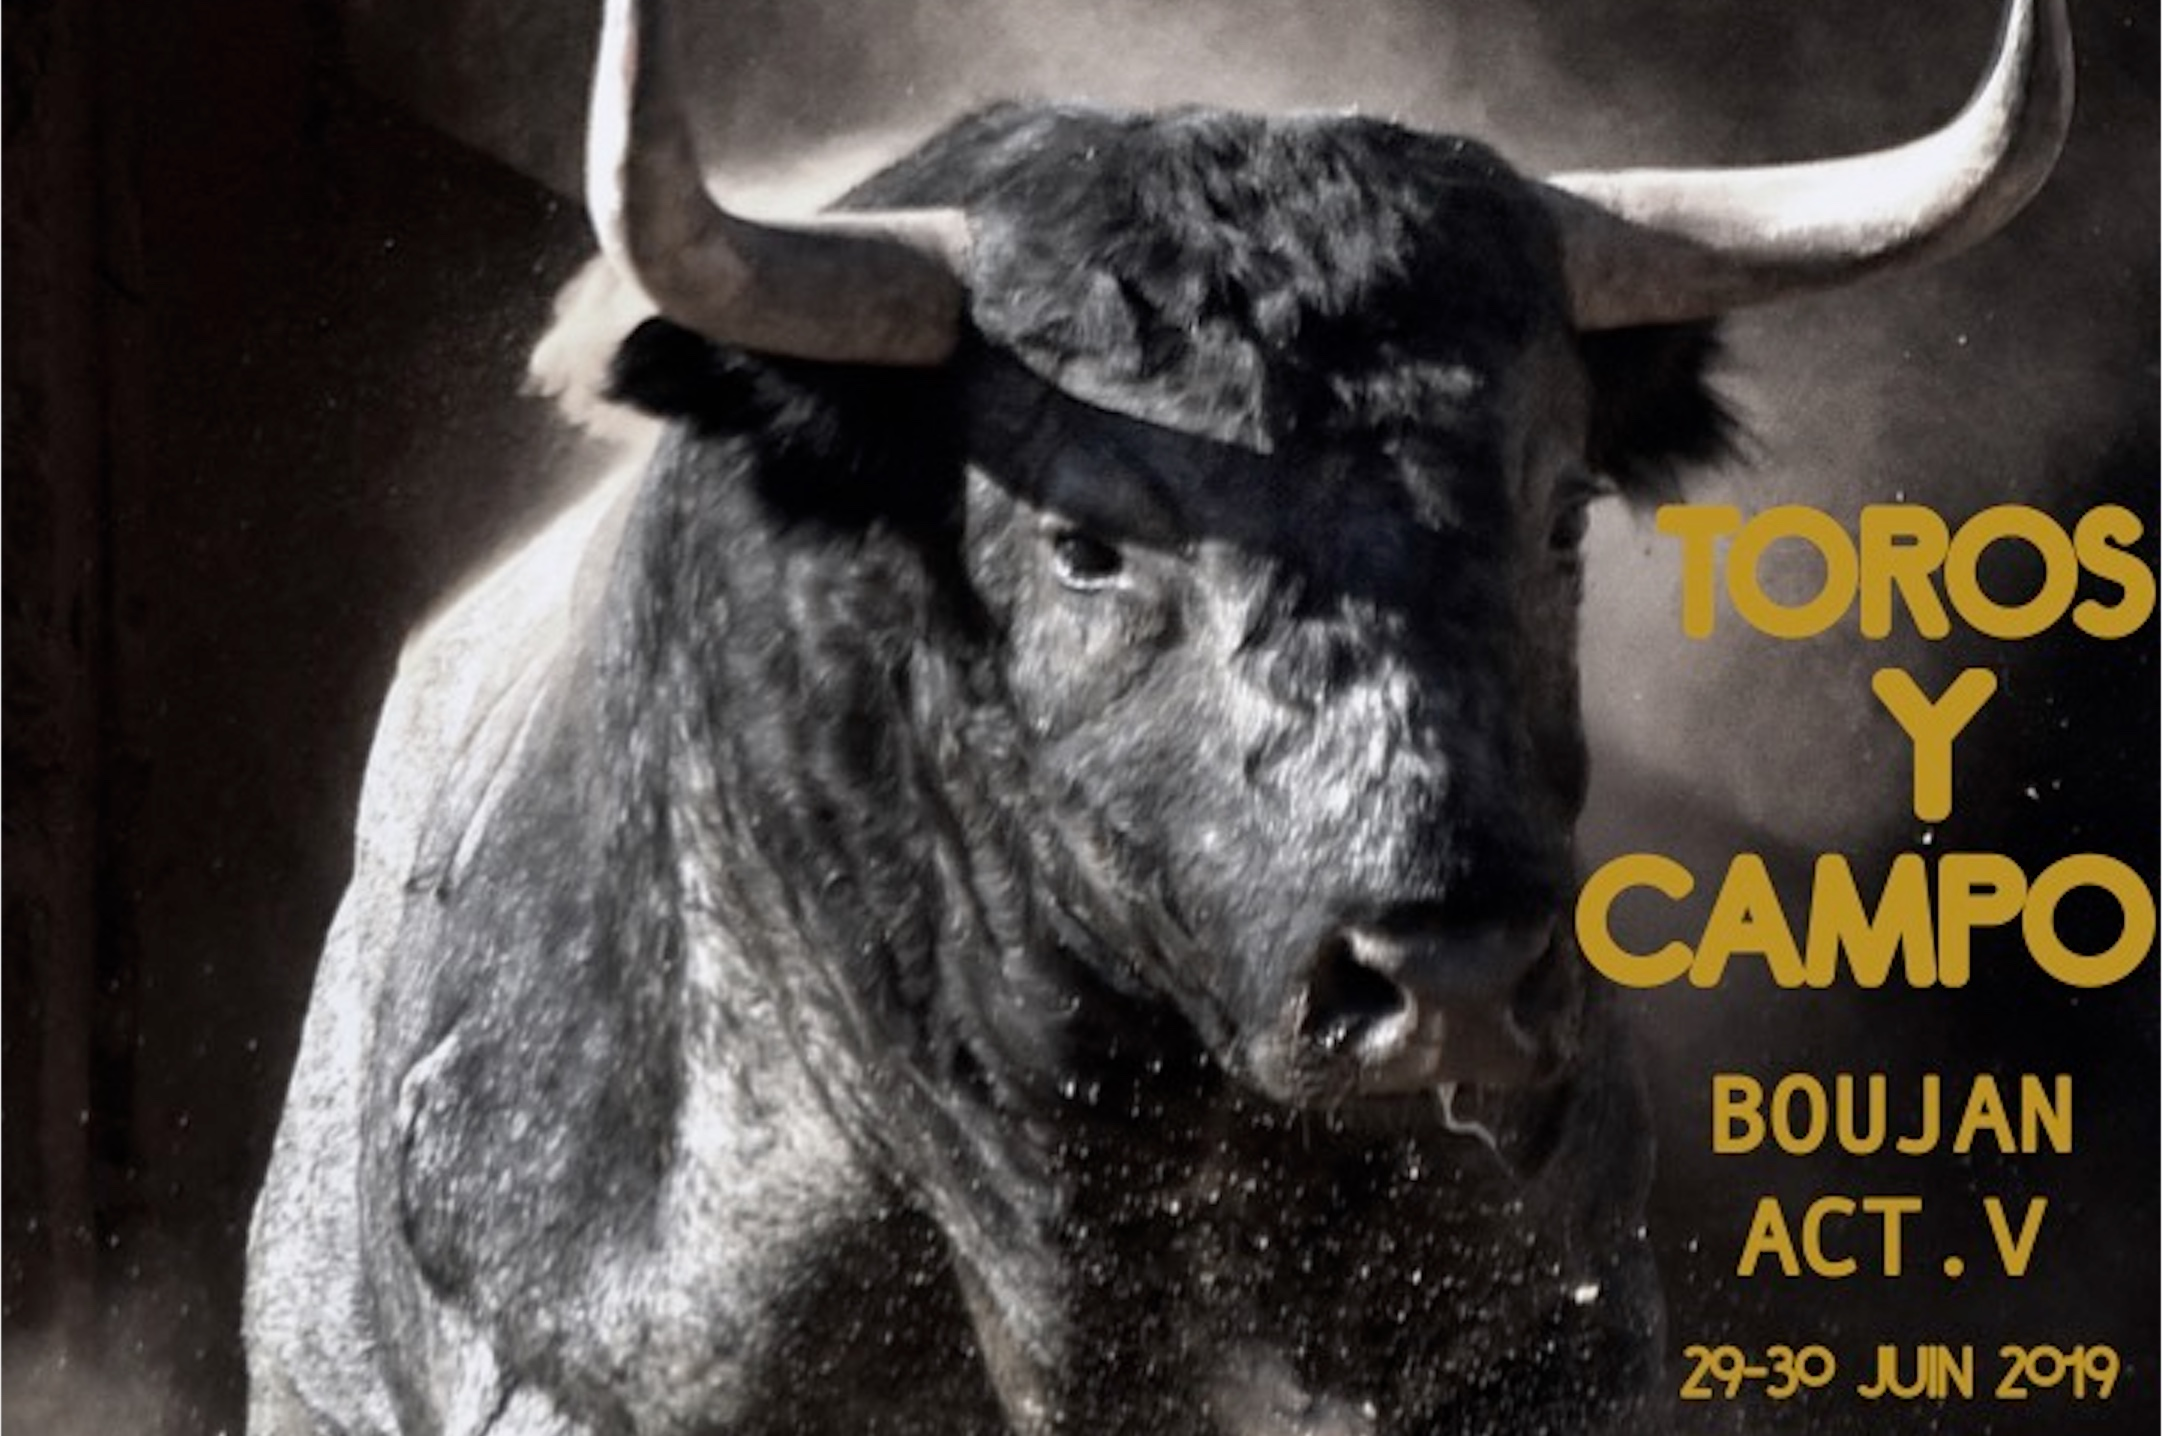 BOUJAN SUR LIBRON 2019 // Les ganaderias de Toros Y campo Boujan 2019 – Un accent «portugais»